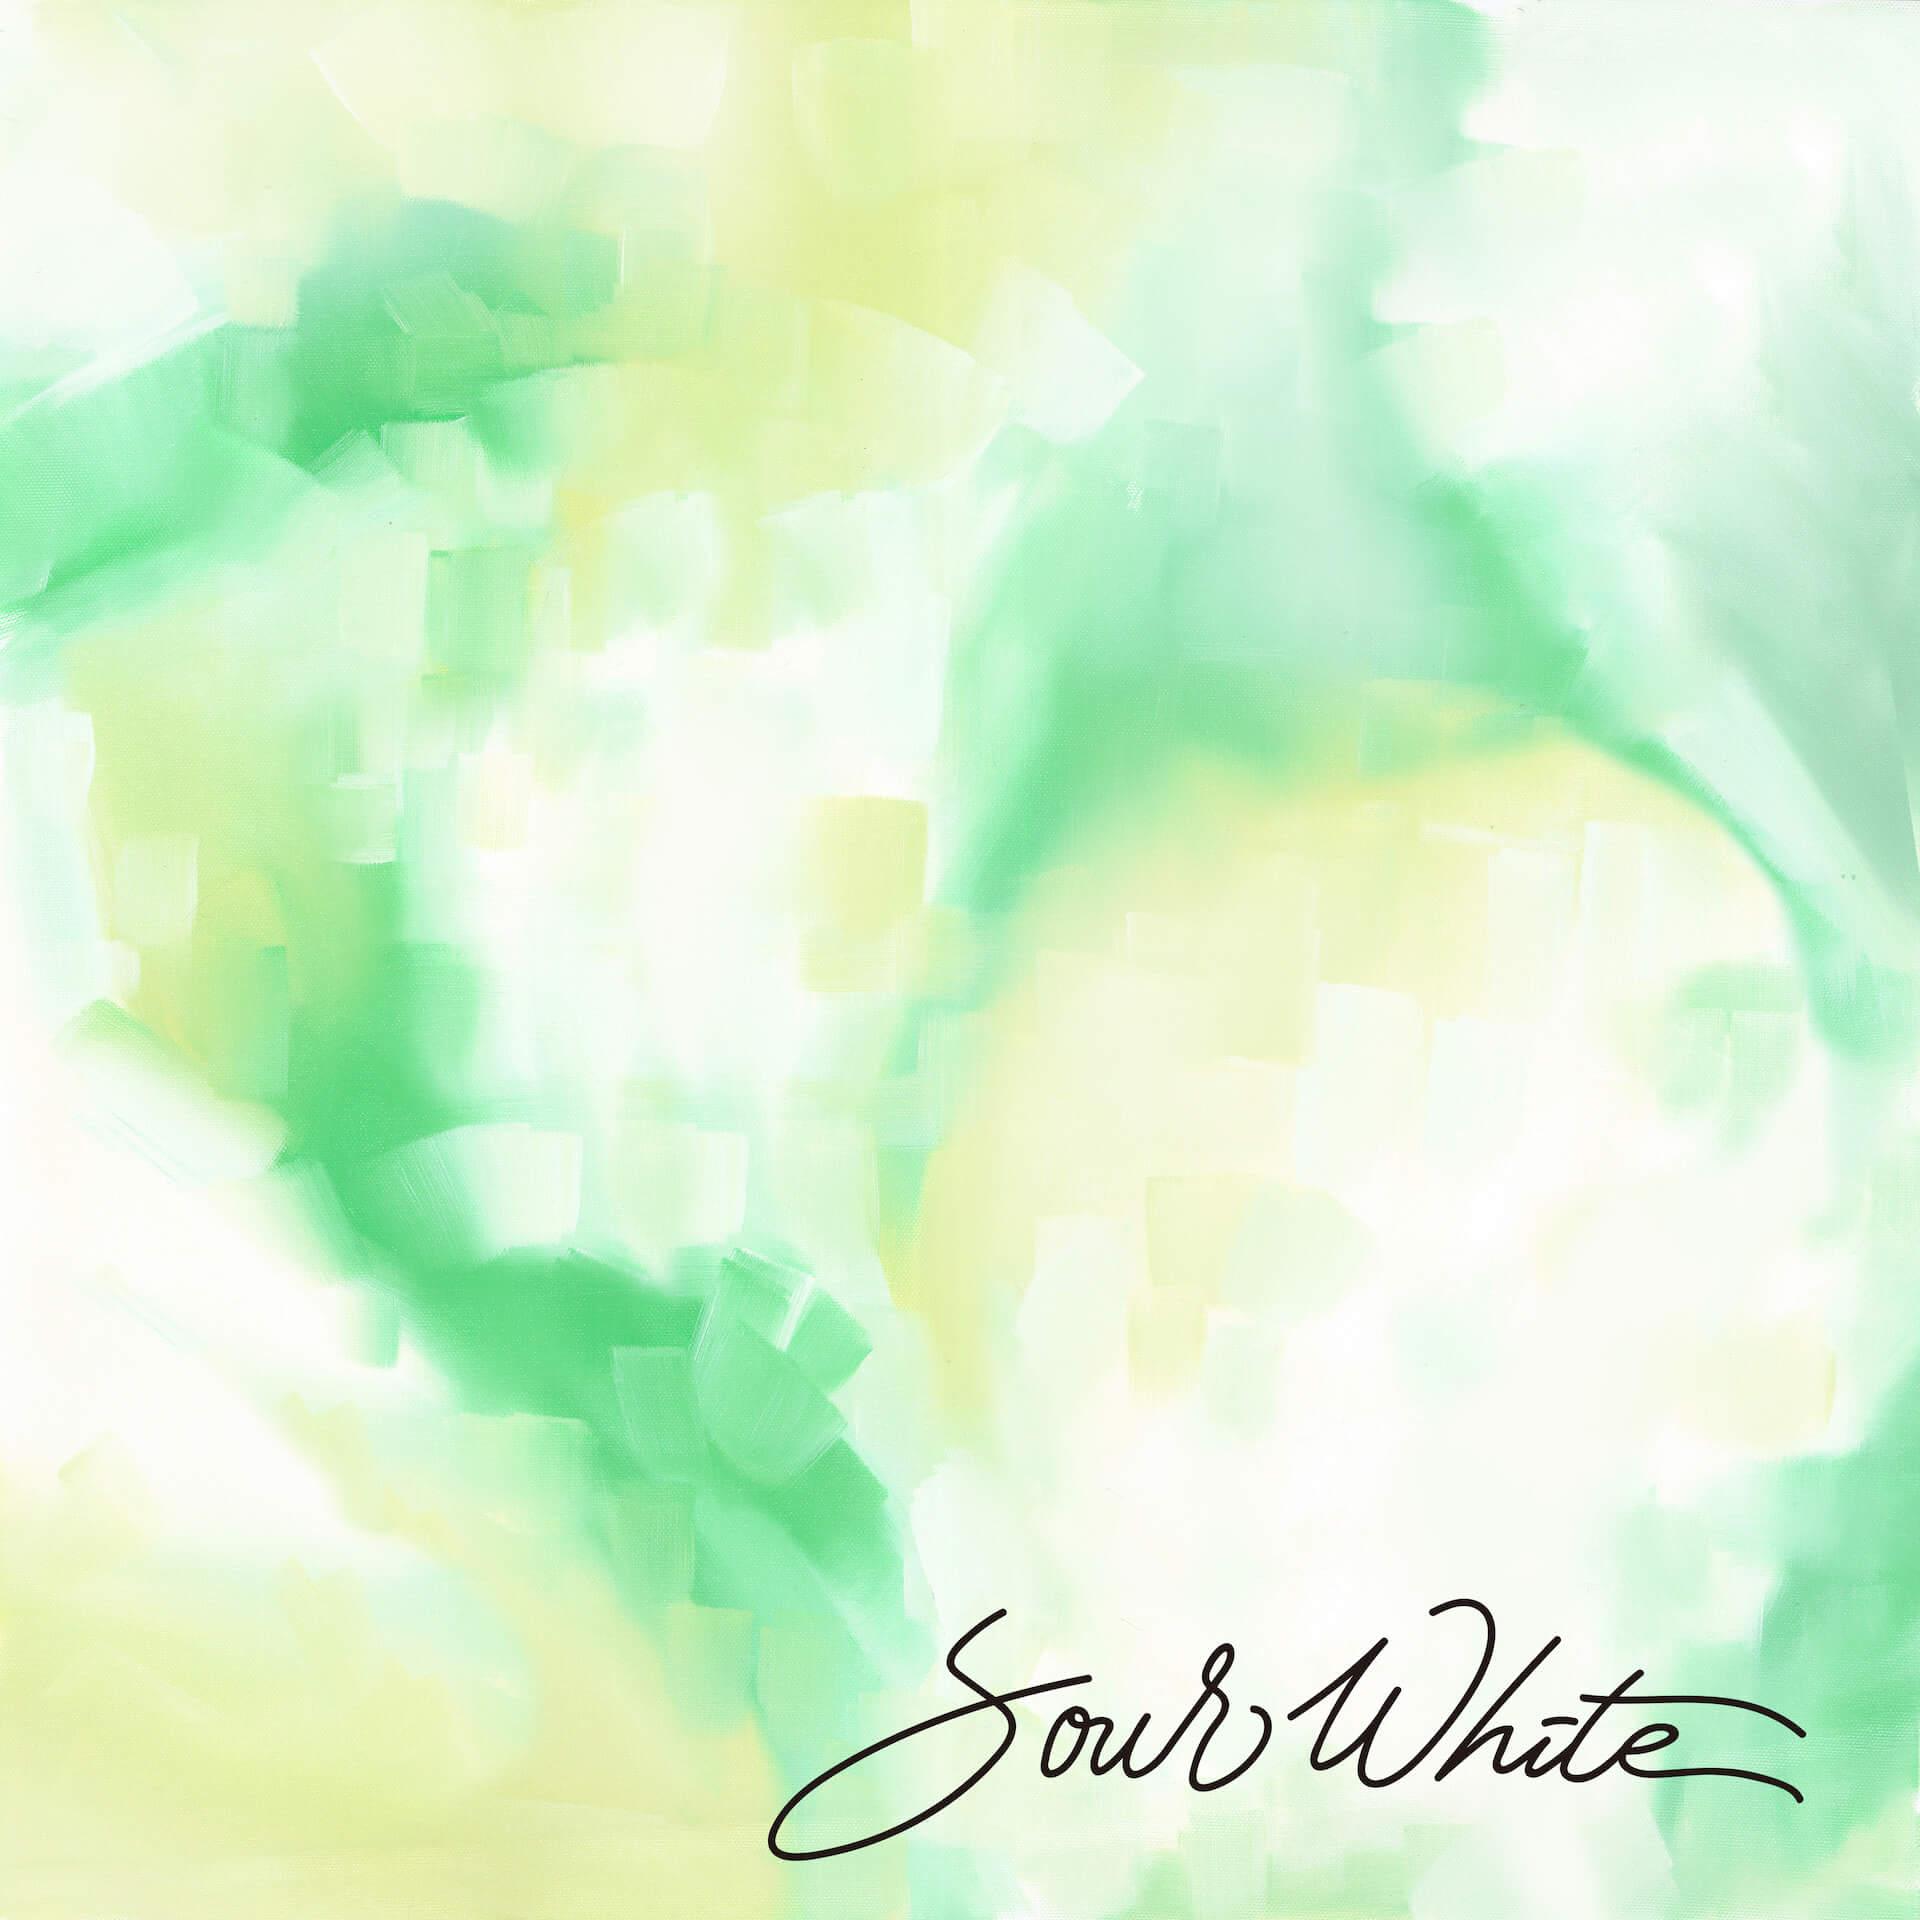 気鋭のシンガーKick a Showが、HUNGERを客演に迎えた楽曲を含む最新EP『Sour White』をリリース|渋谷WWW Xにて待望のワンマンライブも sourwhite